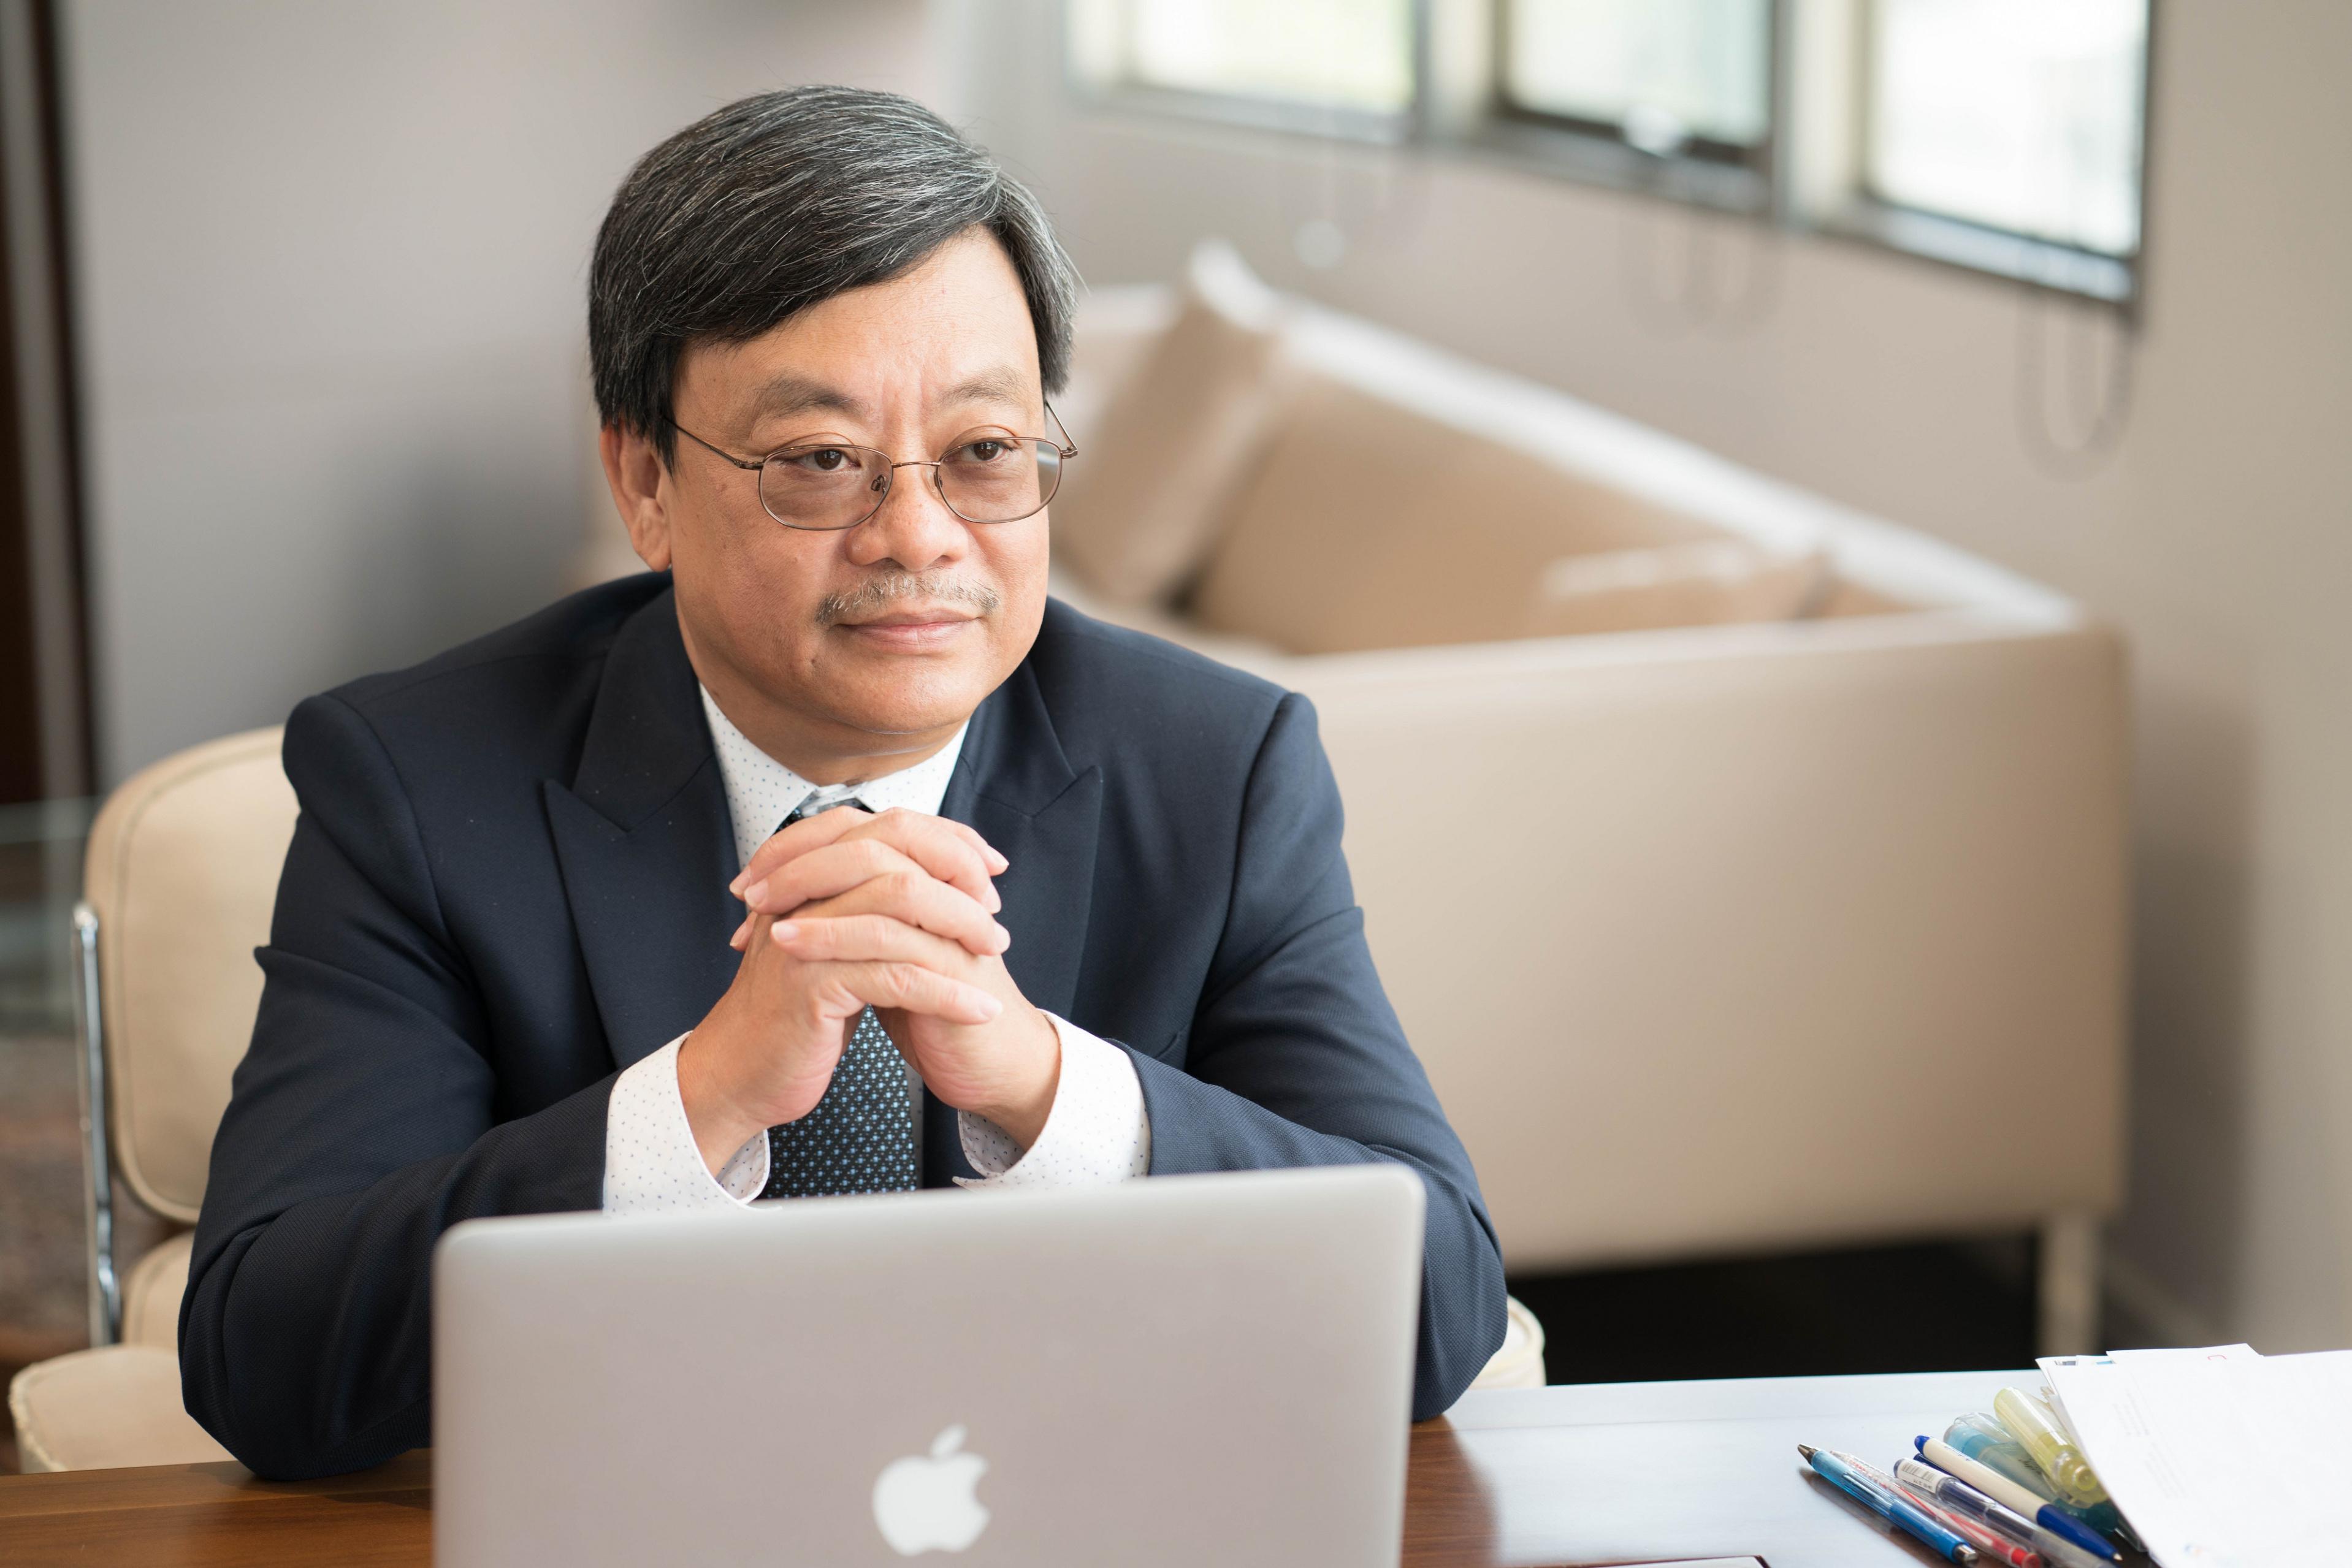 resize - Chủ tịch HĐQT Masan Group - Dr. Nguyễn Đăng Quang.jpg